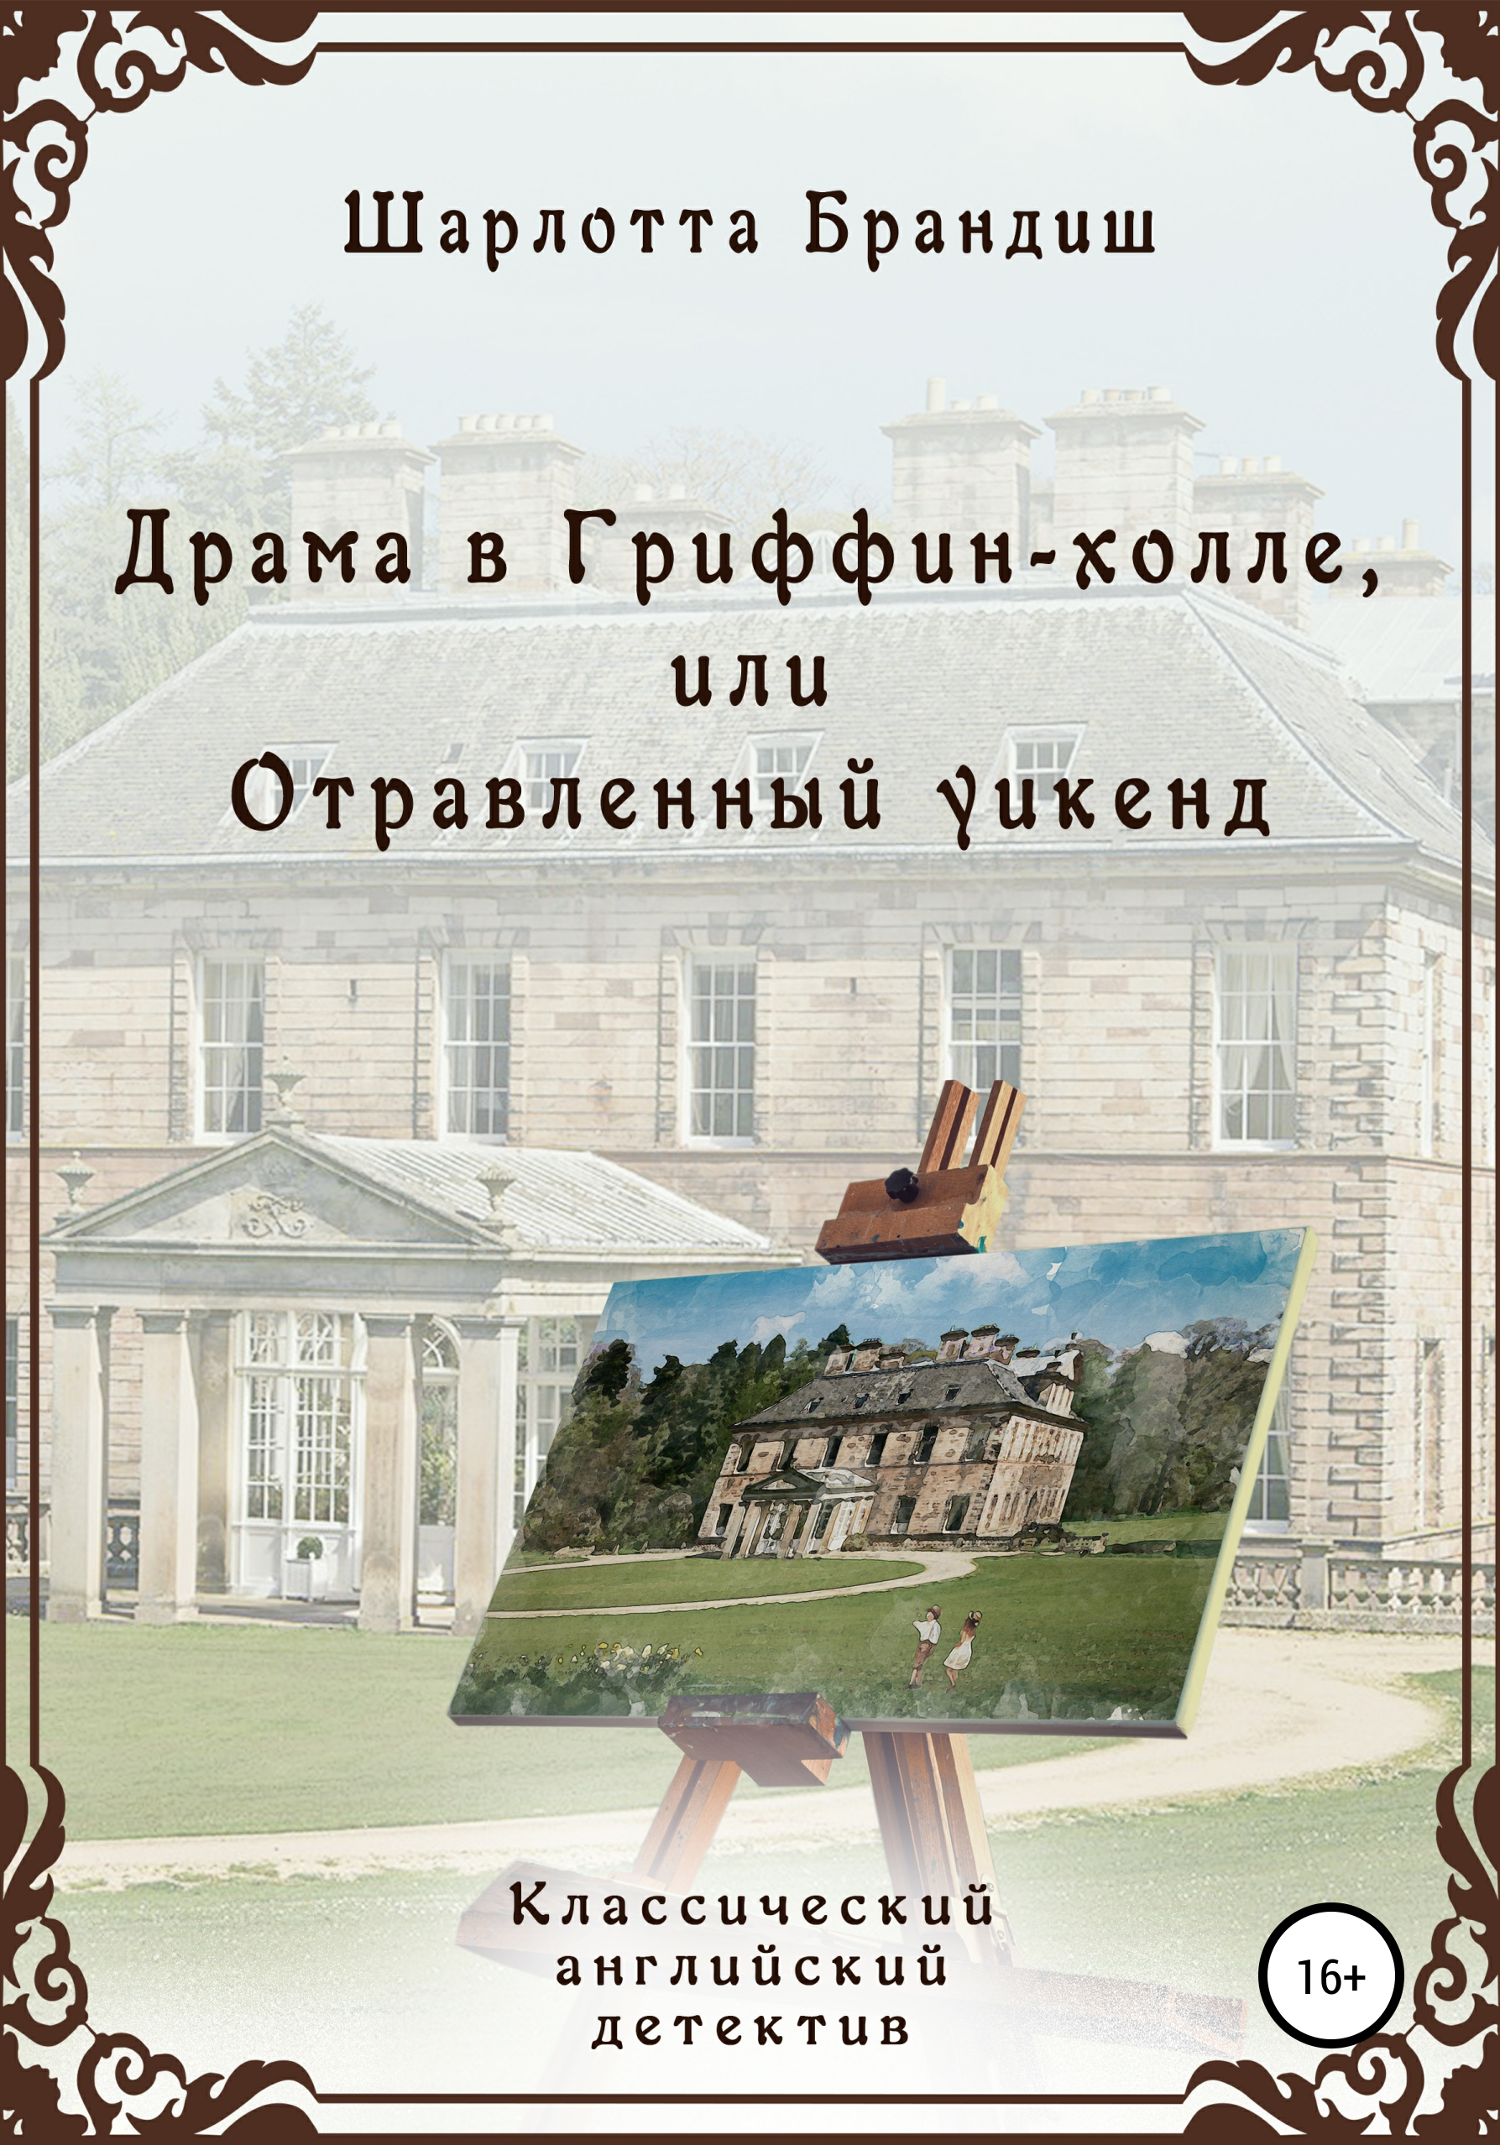 Купить книгу Драма в Гриффин-холле, или Отравленный уикенд, автора Шарлотты Брандиш